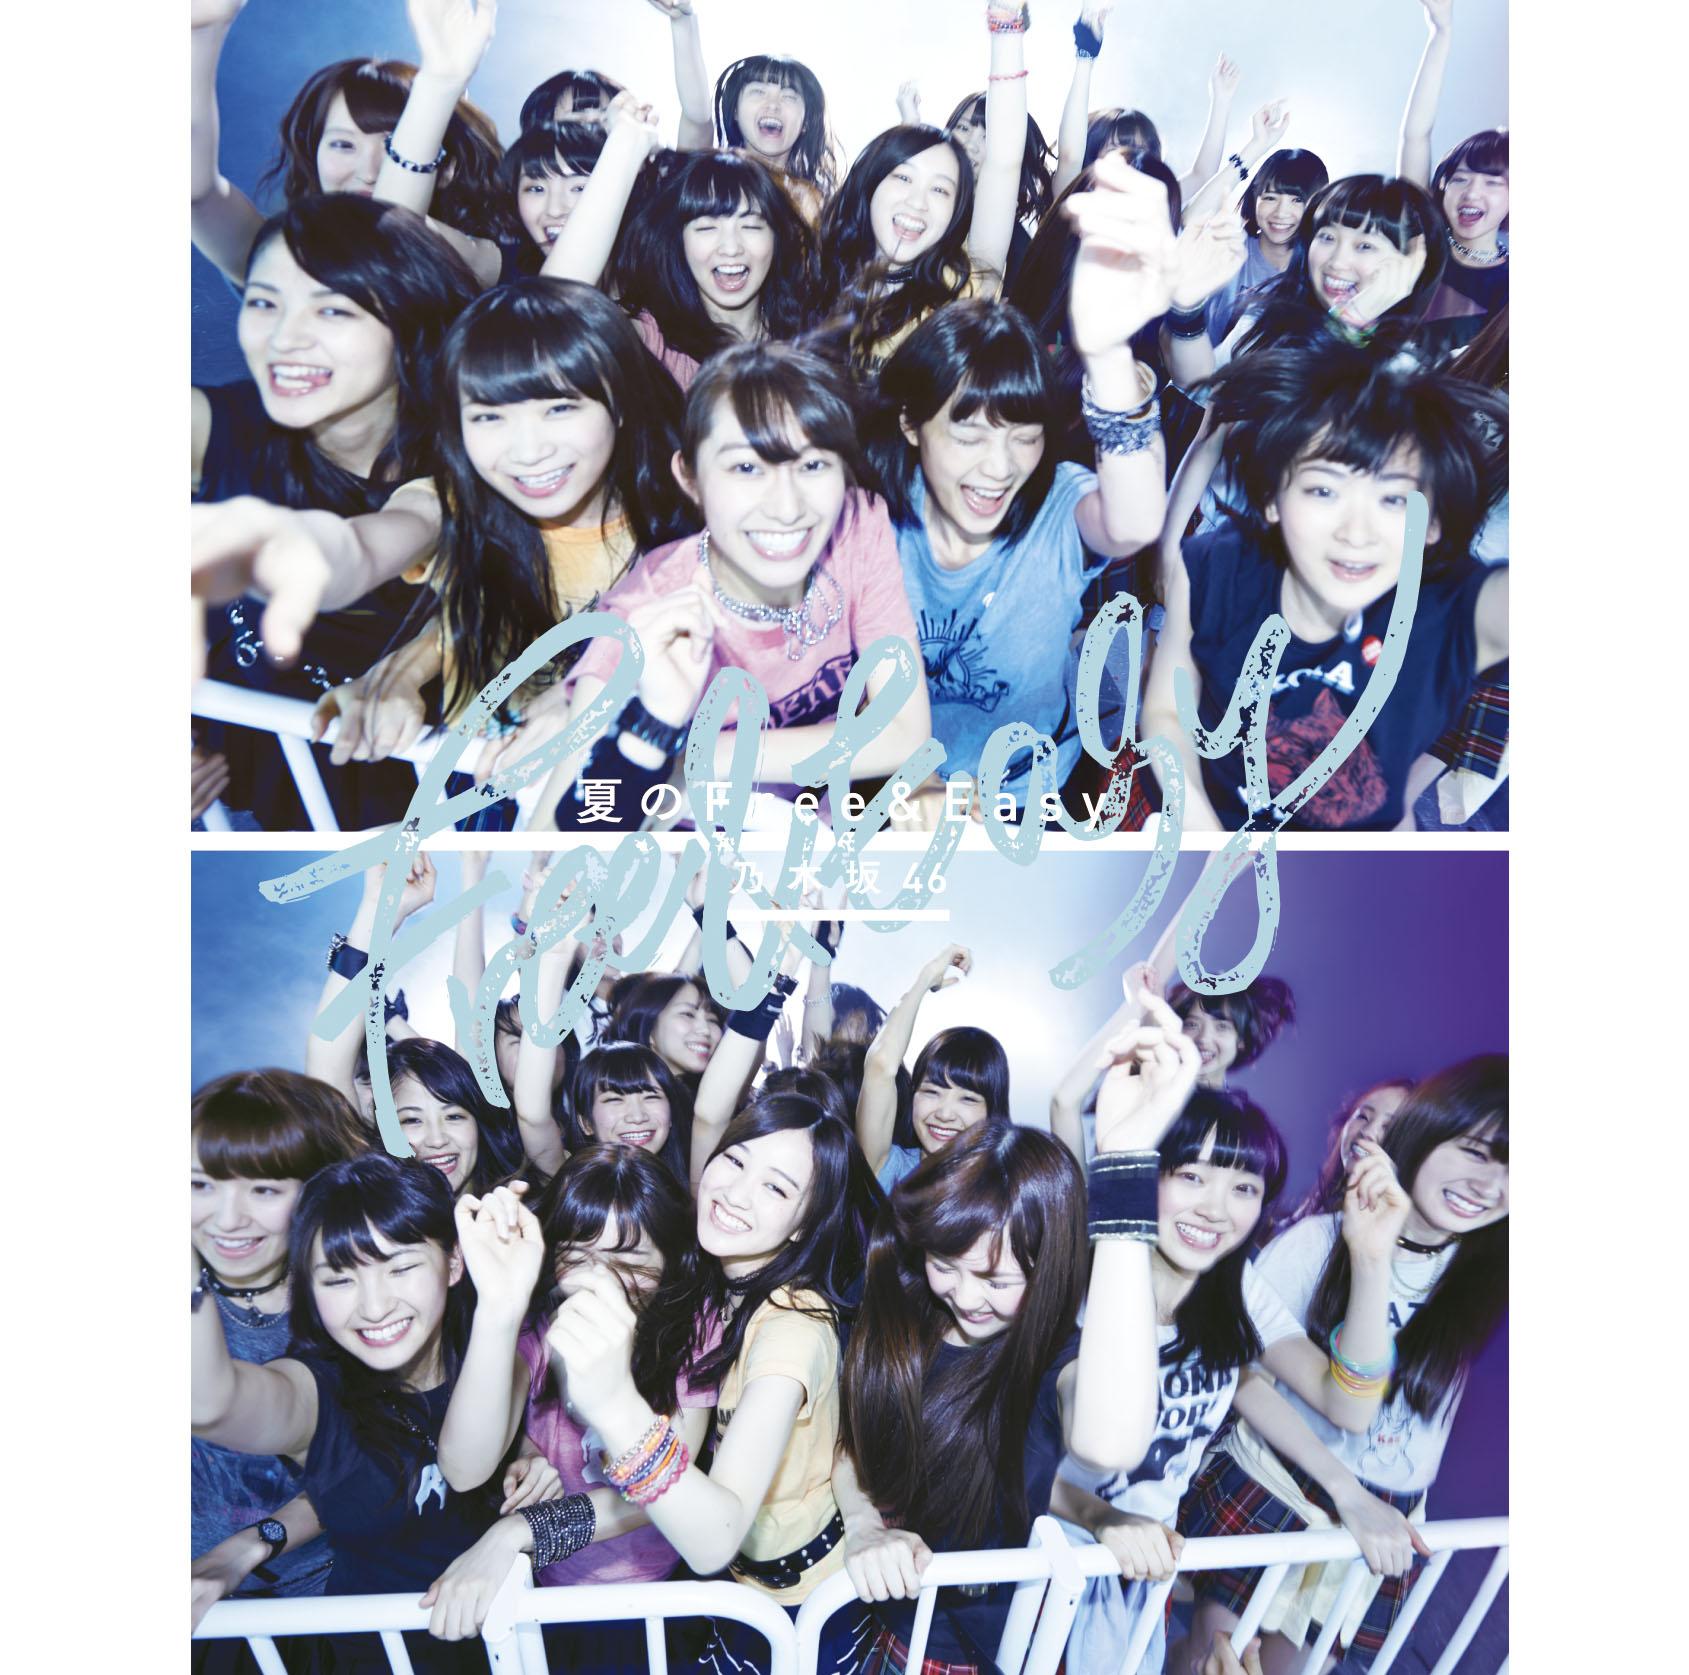 乃木坂46『無口なライオン』は西野七瀬ら8人が歌うユニット曲